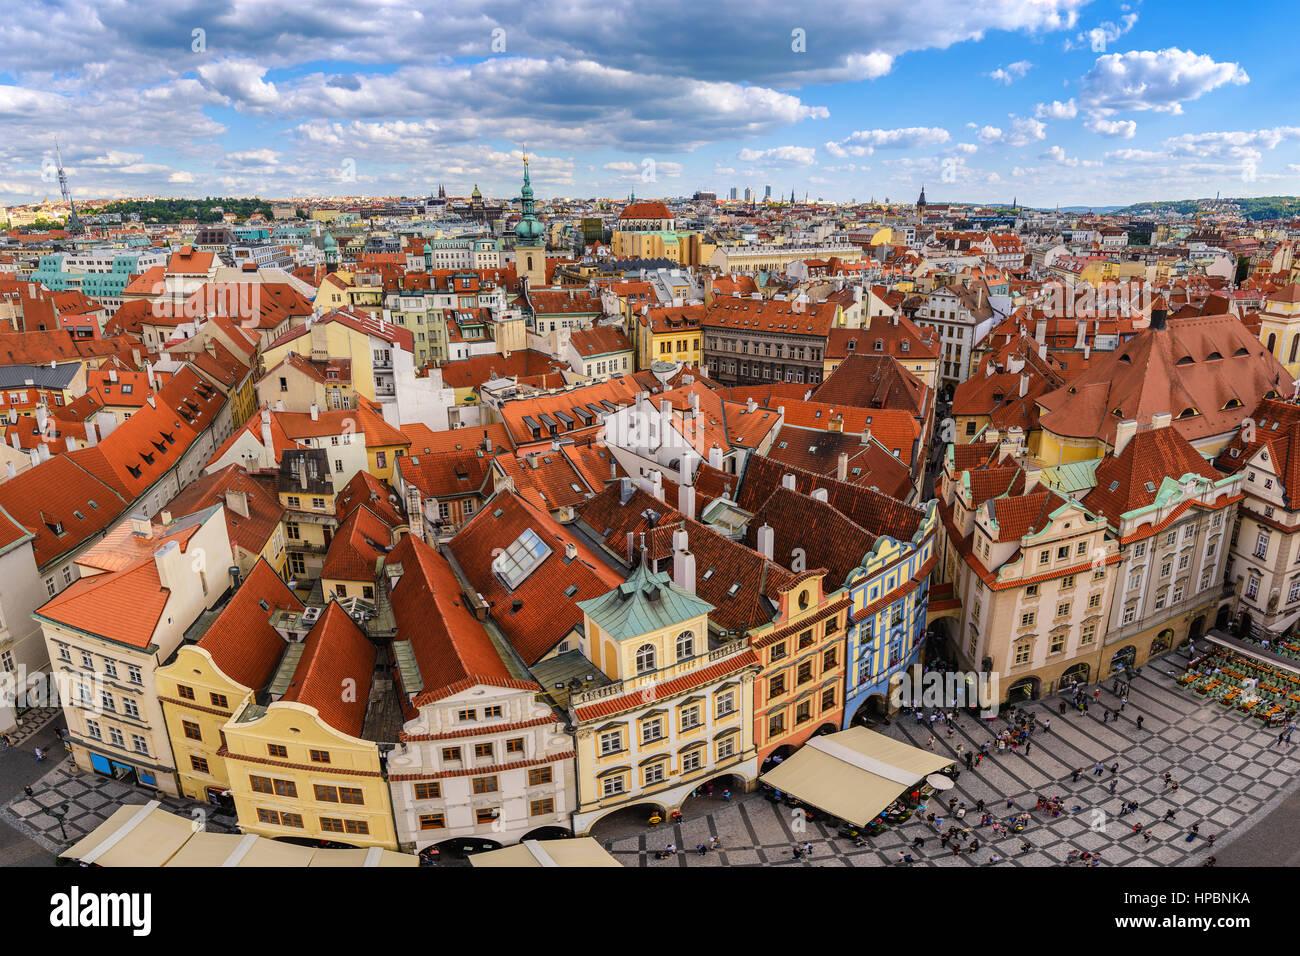 Skyline von Prag am Altstädter Ring, Prag, Tschechische Republik Stockbild